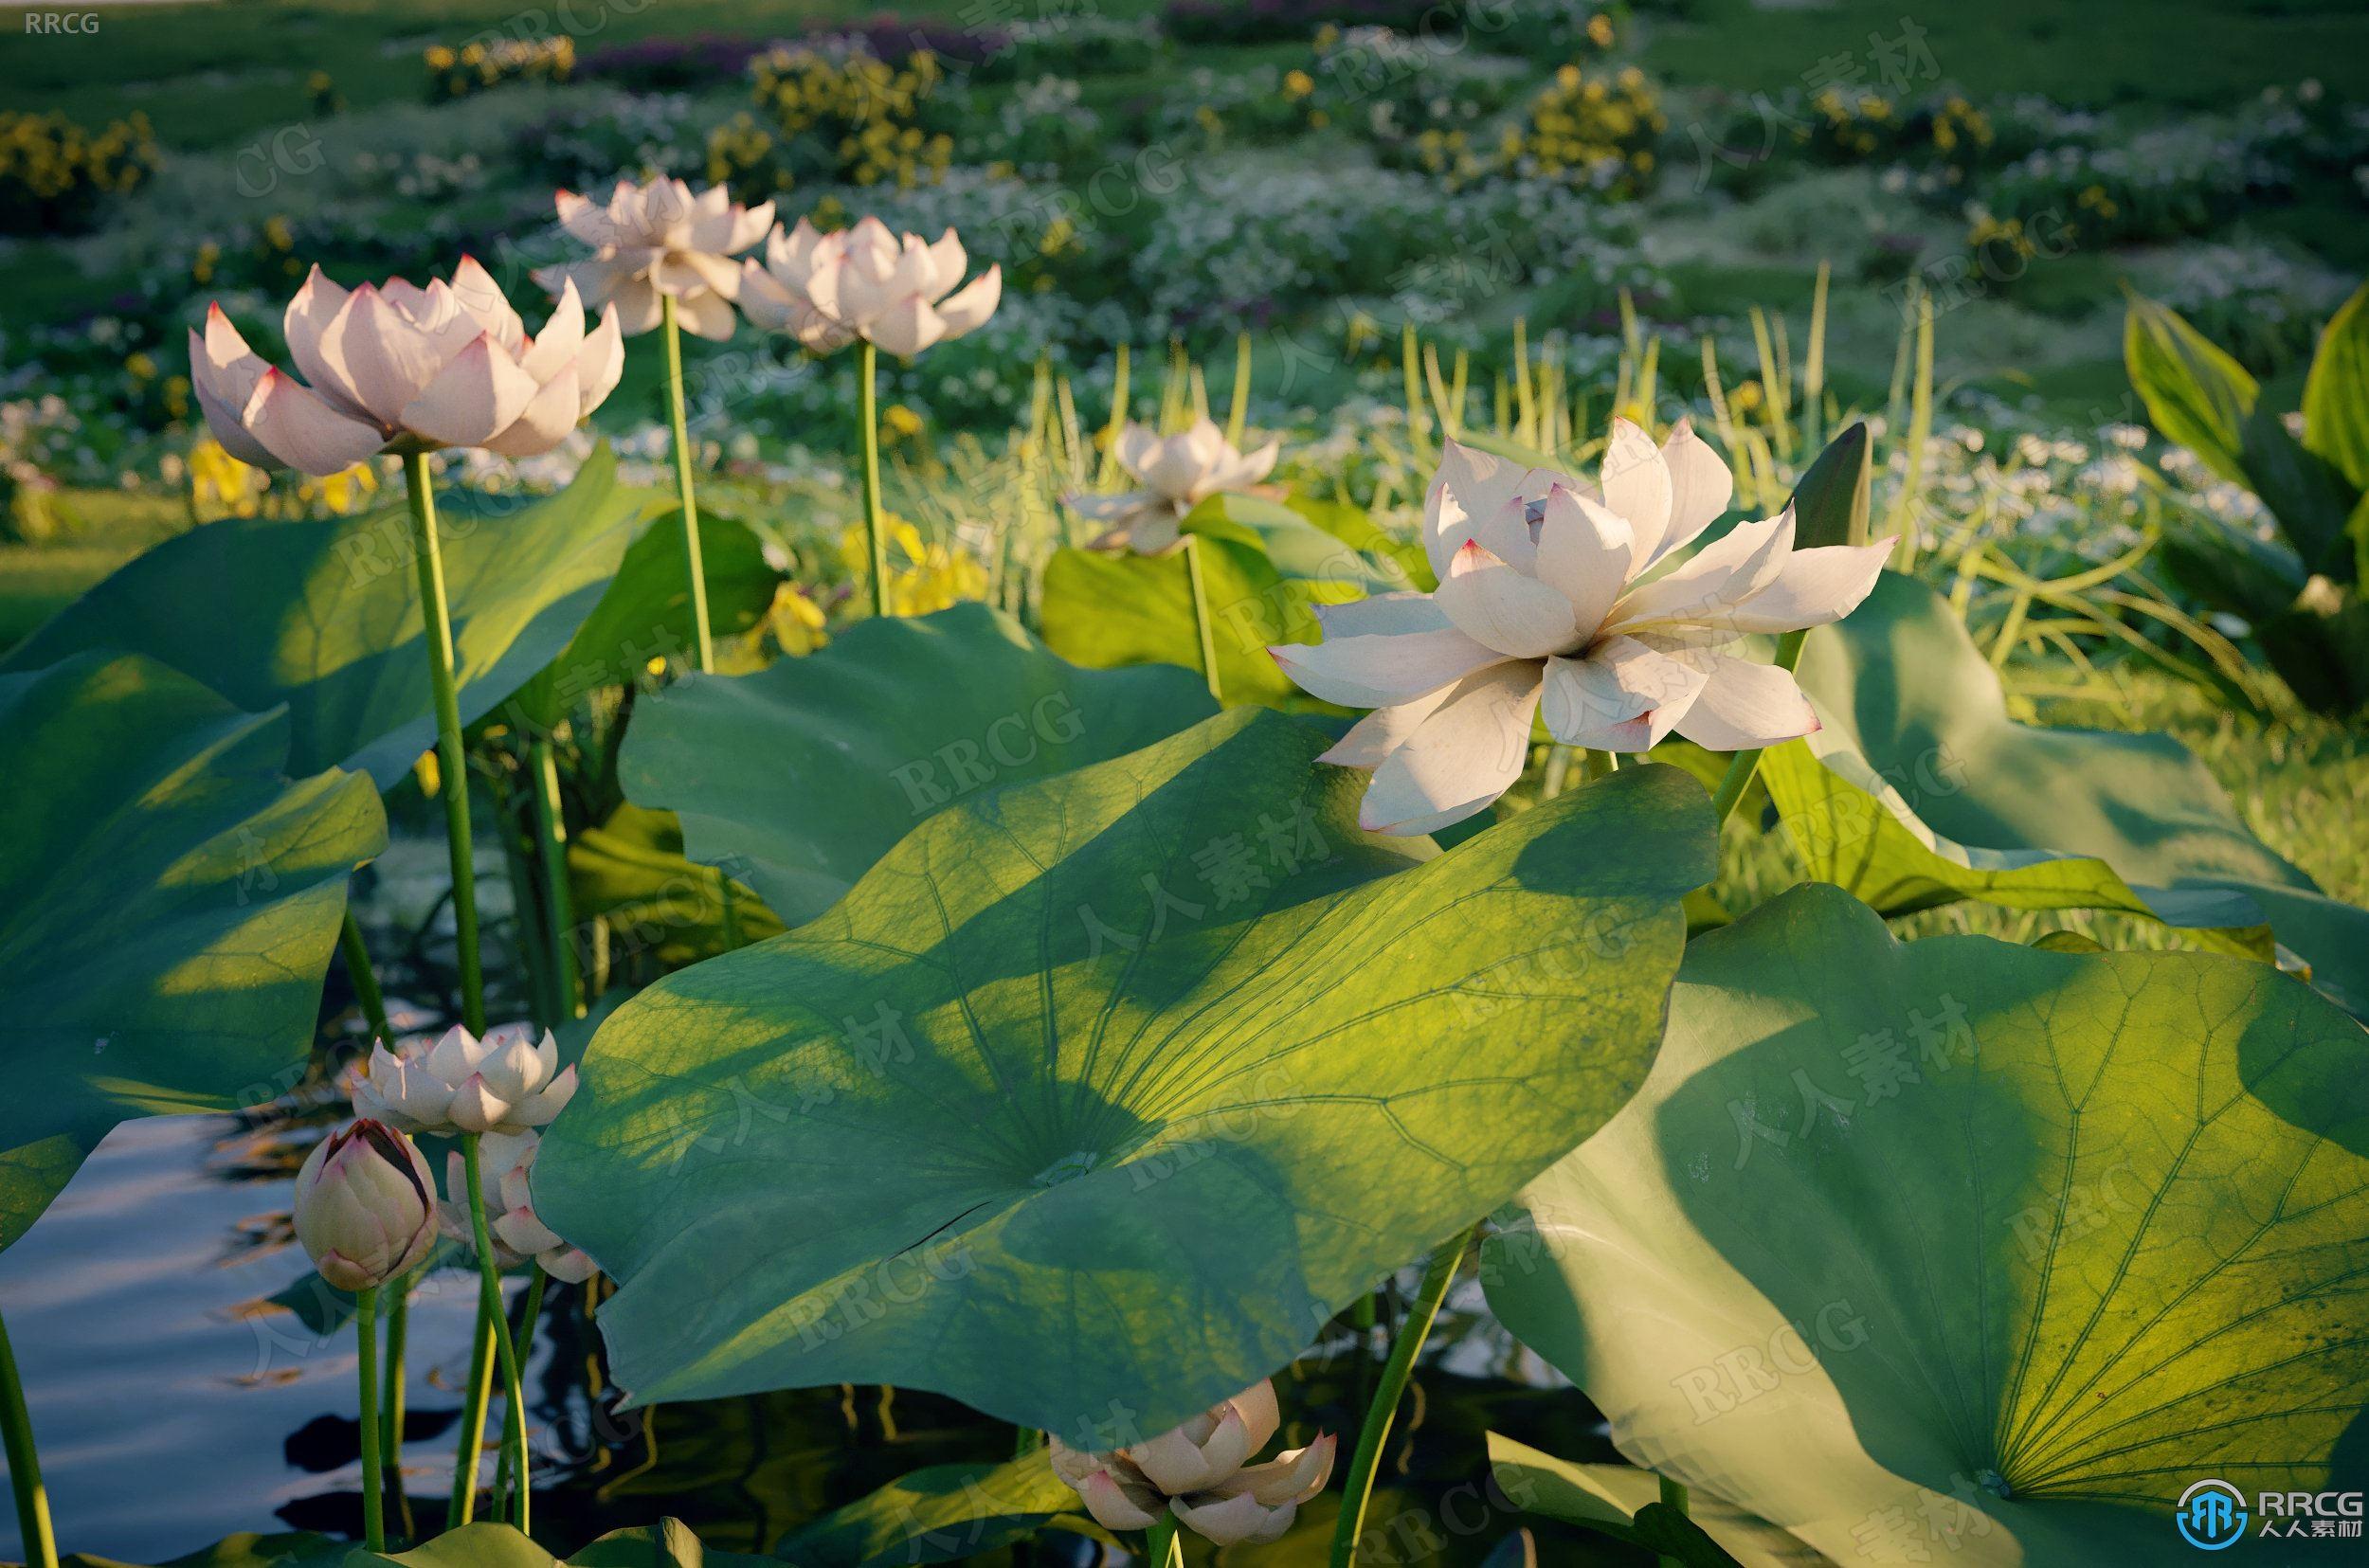 高质量水仙花马鞭草凤尾竹鸢尾花等草木植物3D模型合集